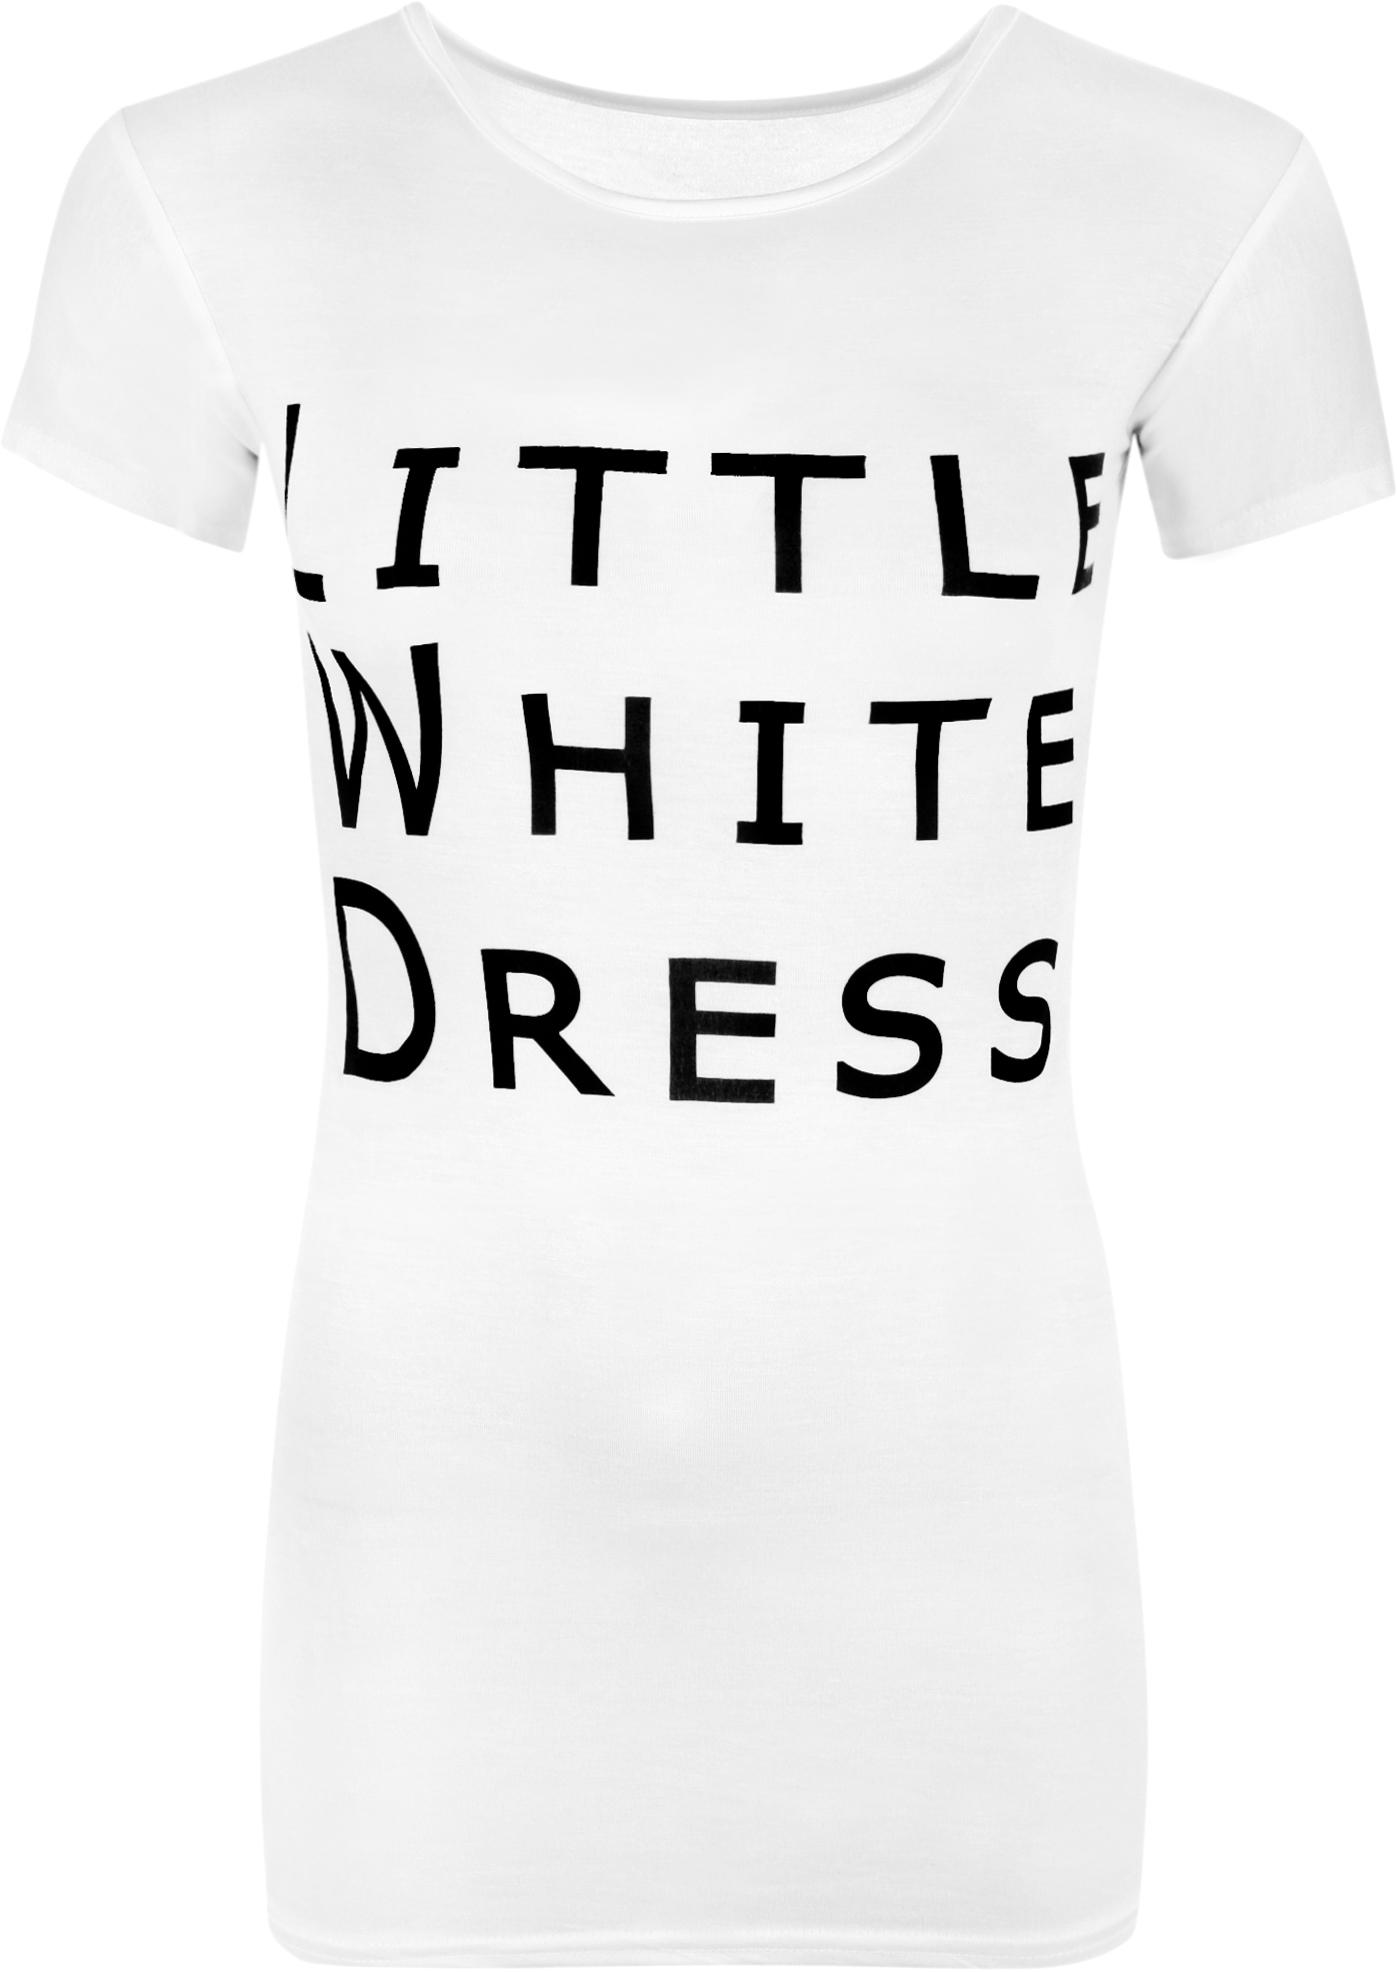 ainsleigh little dress print t-shirt